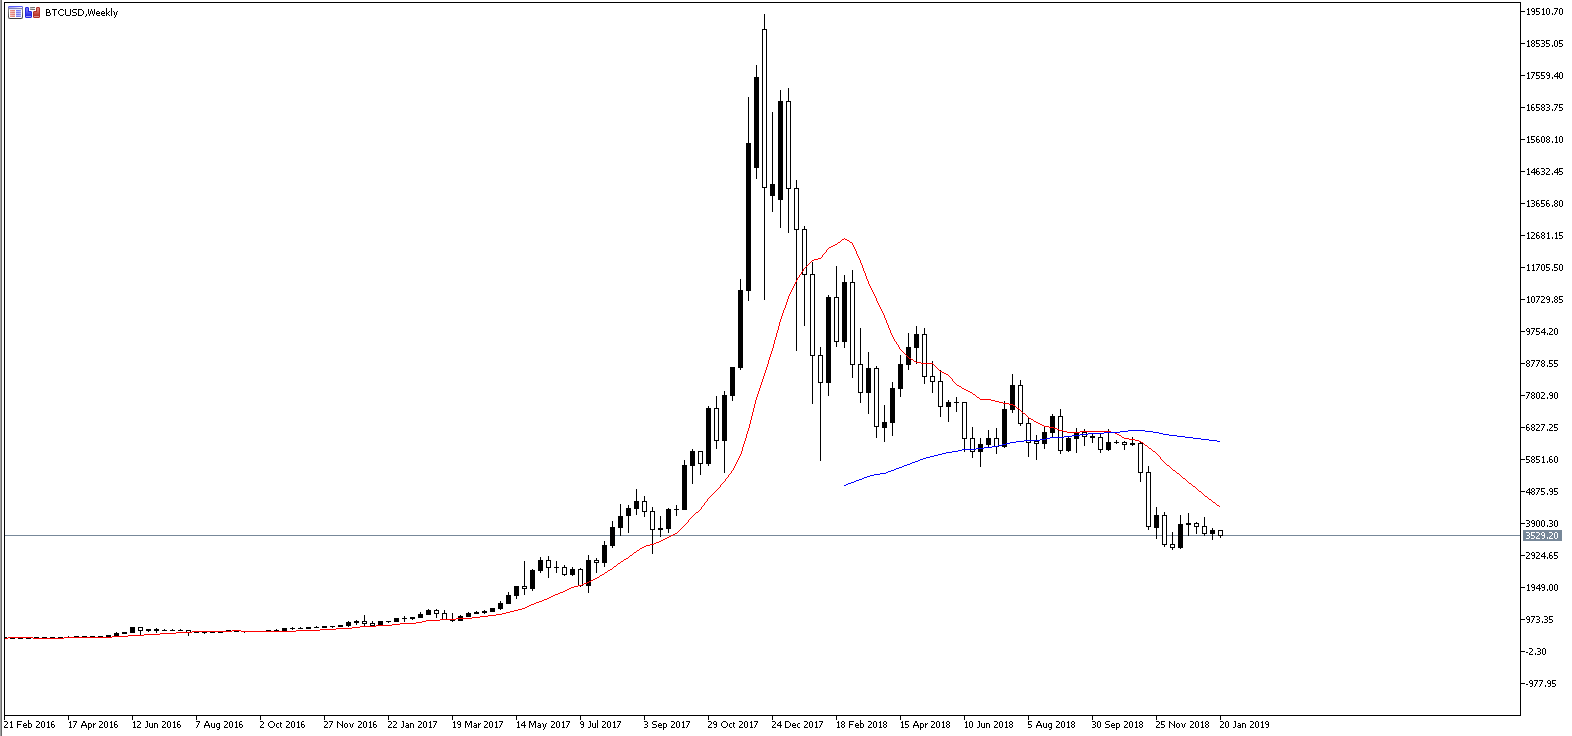 BTC/USD gráfica semanal